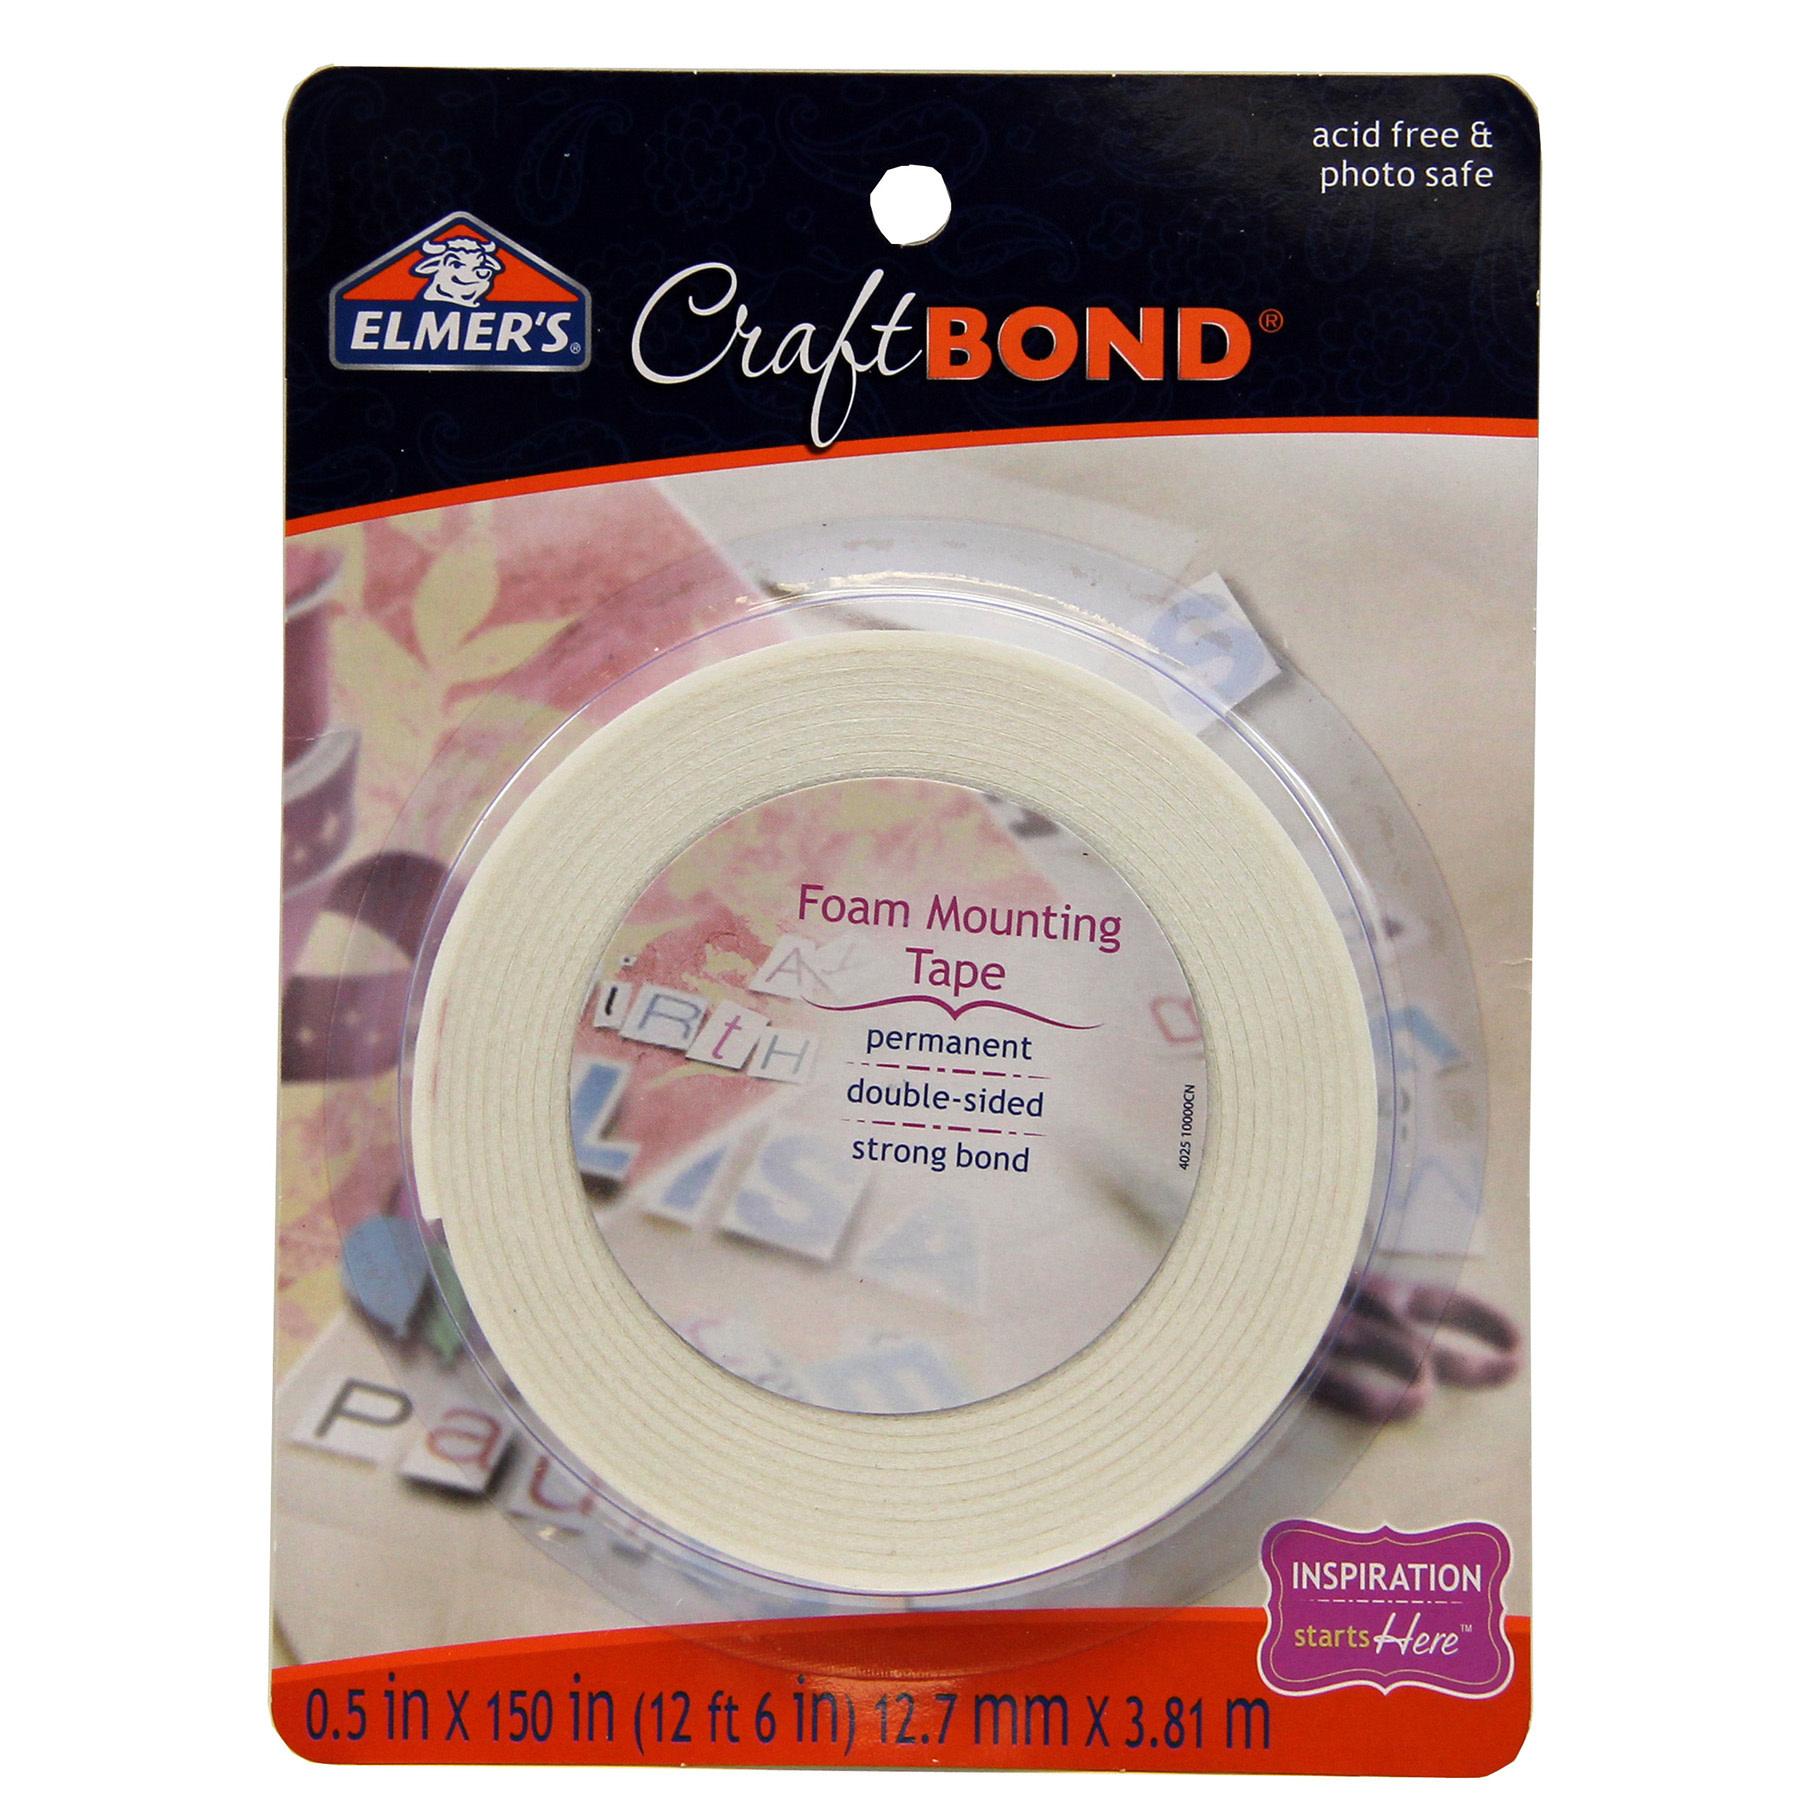 Elmer's Double Sided Foam Mounting Tape